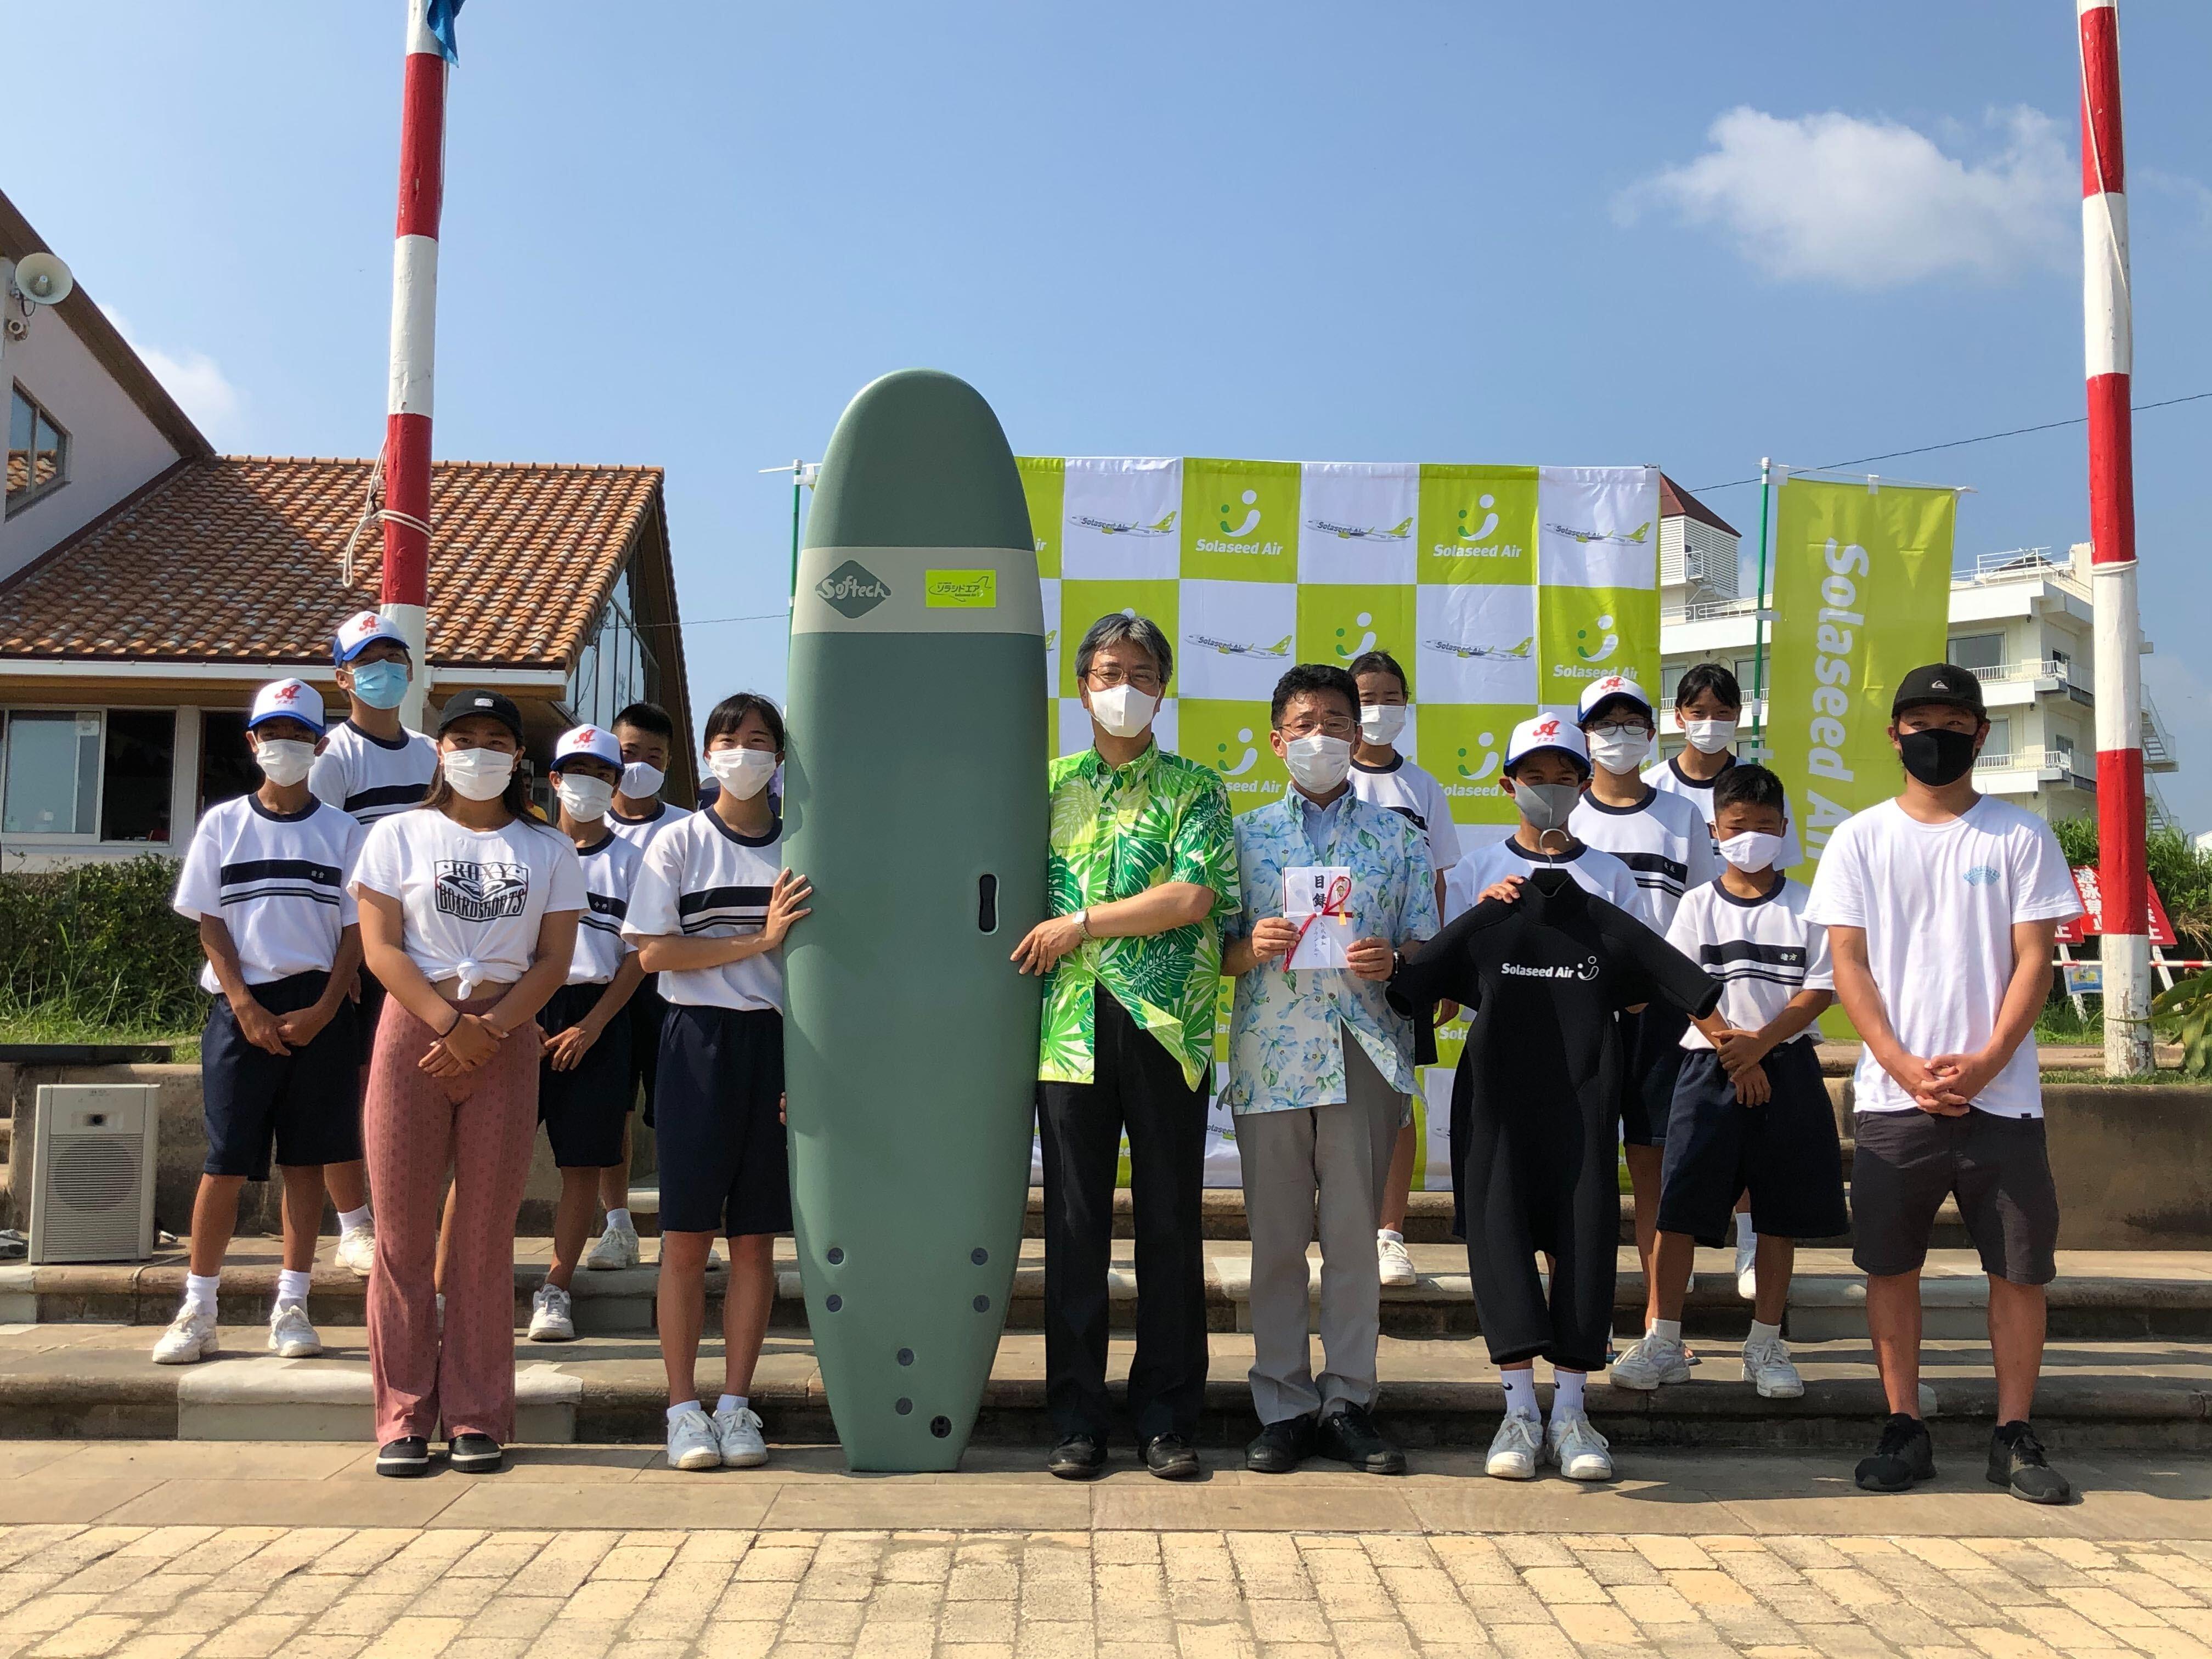 ソラシドエア、宮崎市立青島中学校 サーフィン部 へサーフボード等を寄贈